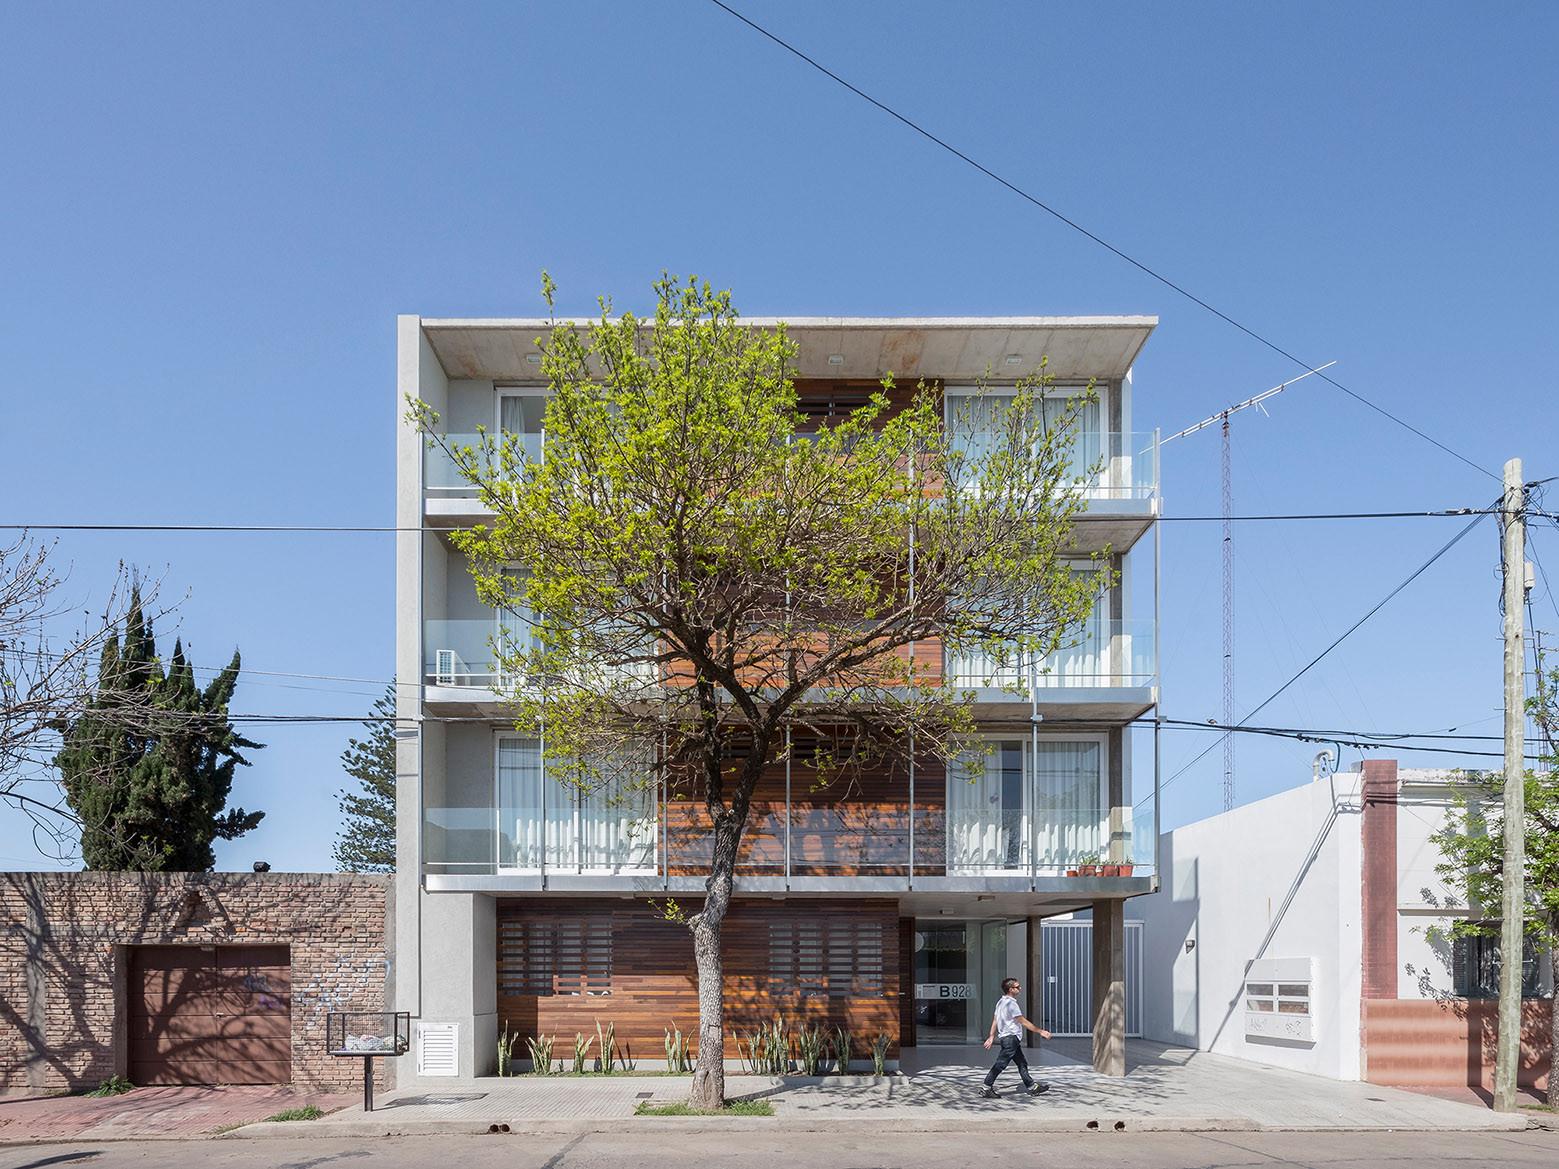 Edificio B928 / Claudio Walter Arquitectos Asociados, © Ramiro Sosa